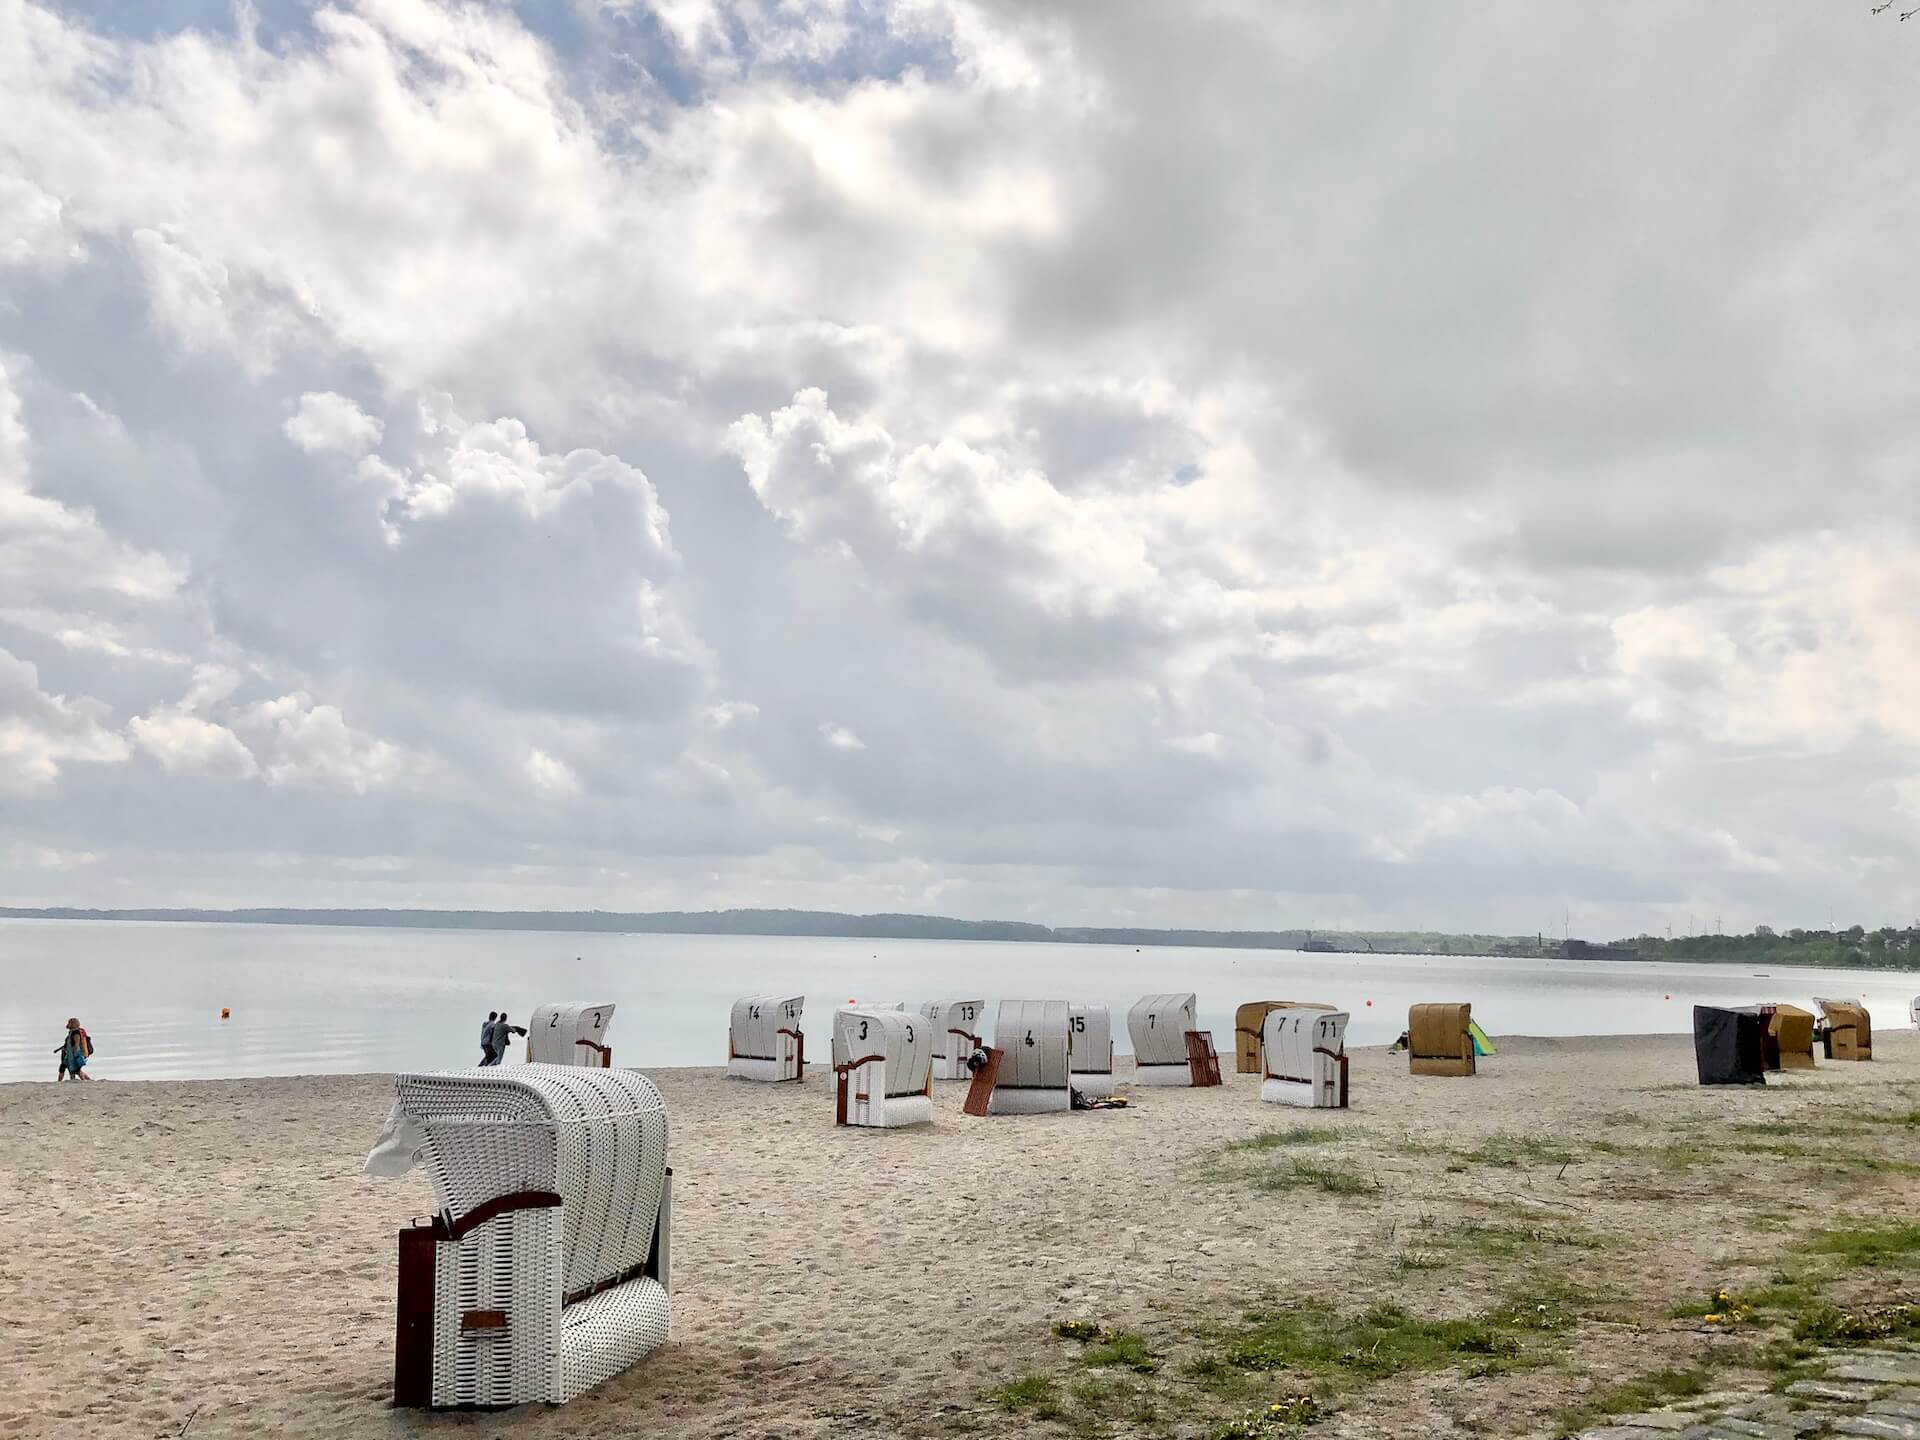 Eckernförde Tipps: Strandkörbe in der Eckernförder Bucht Strand